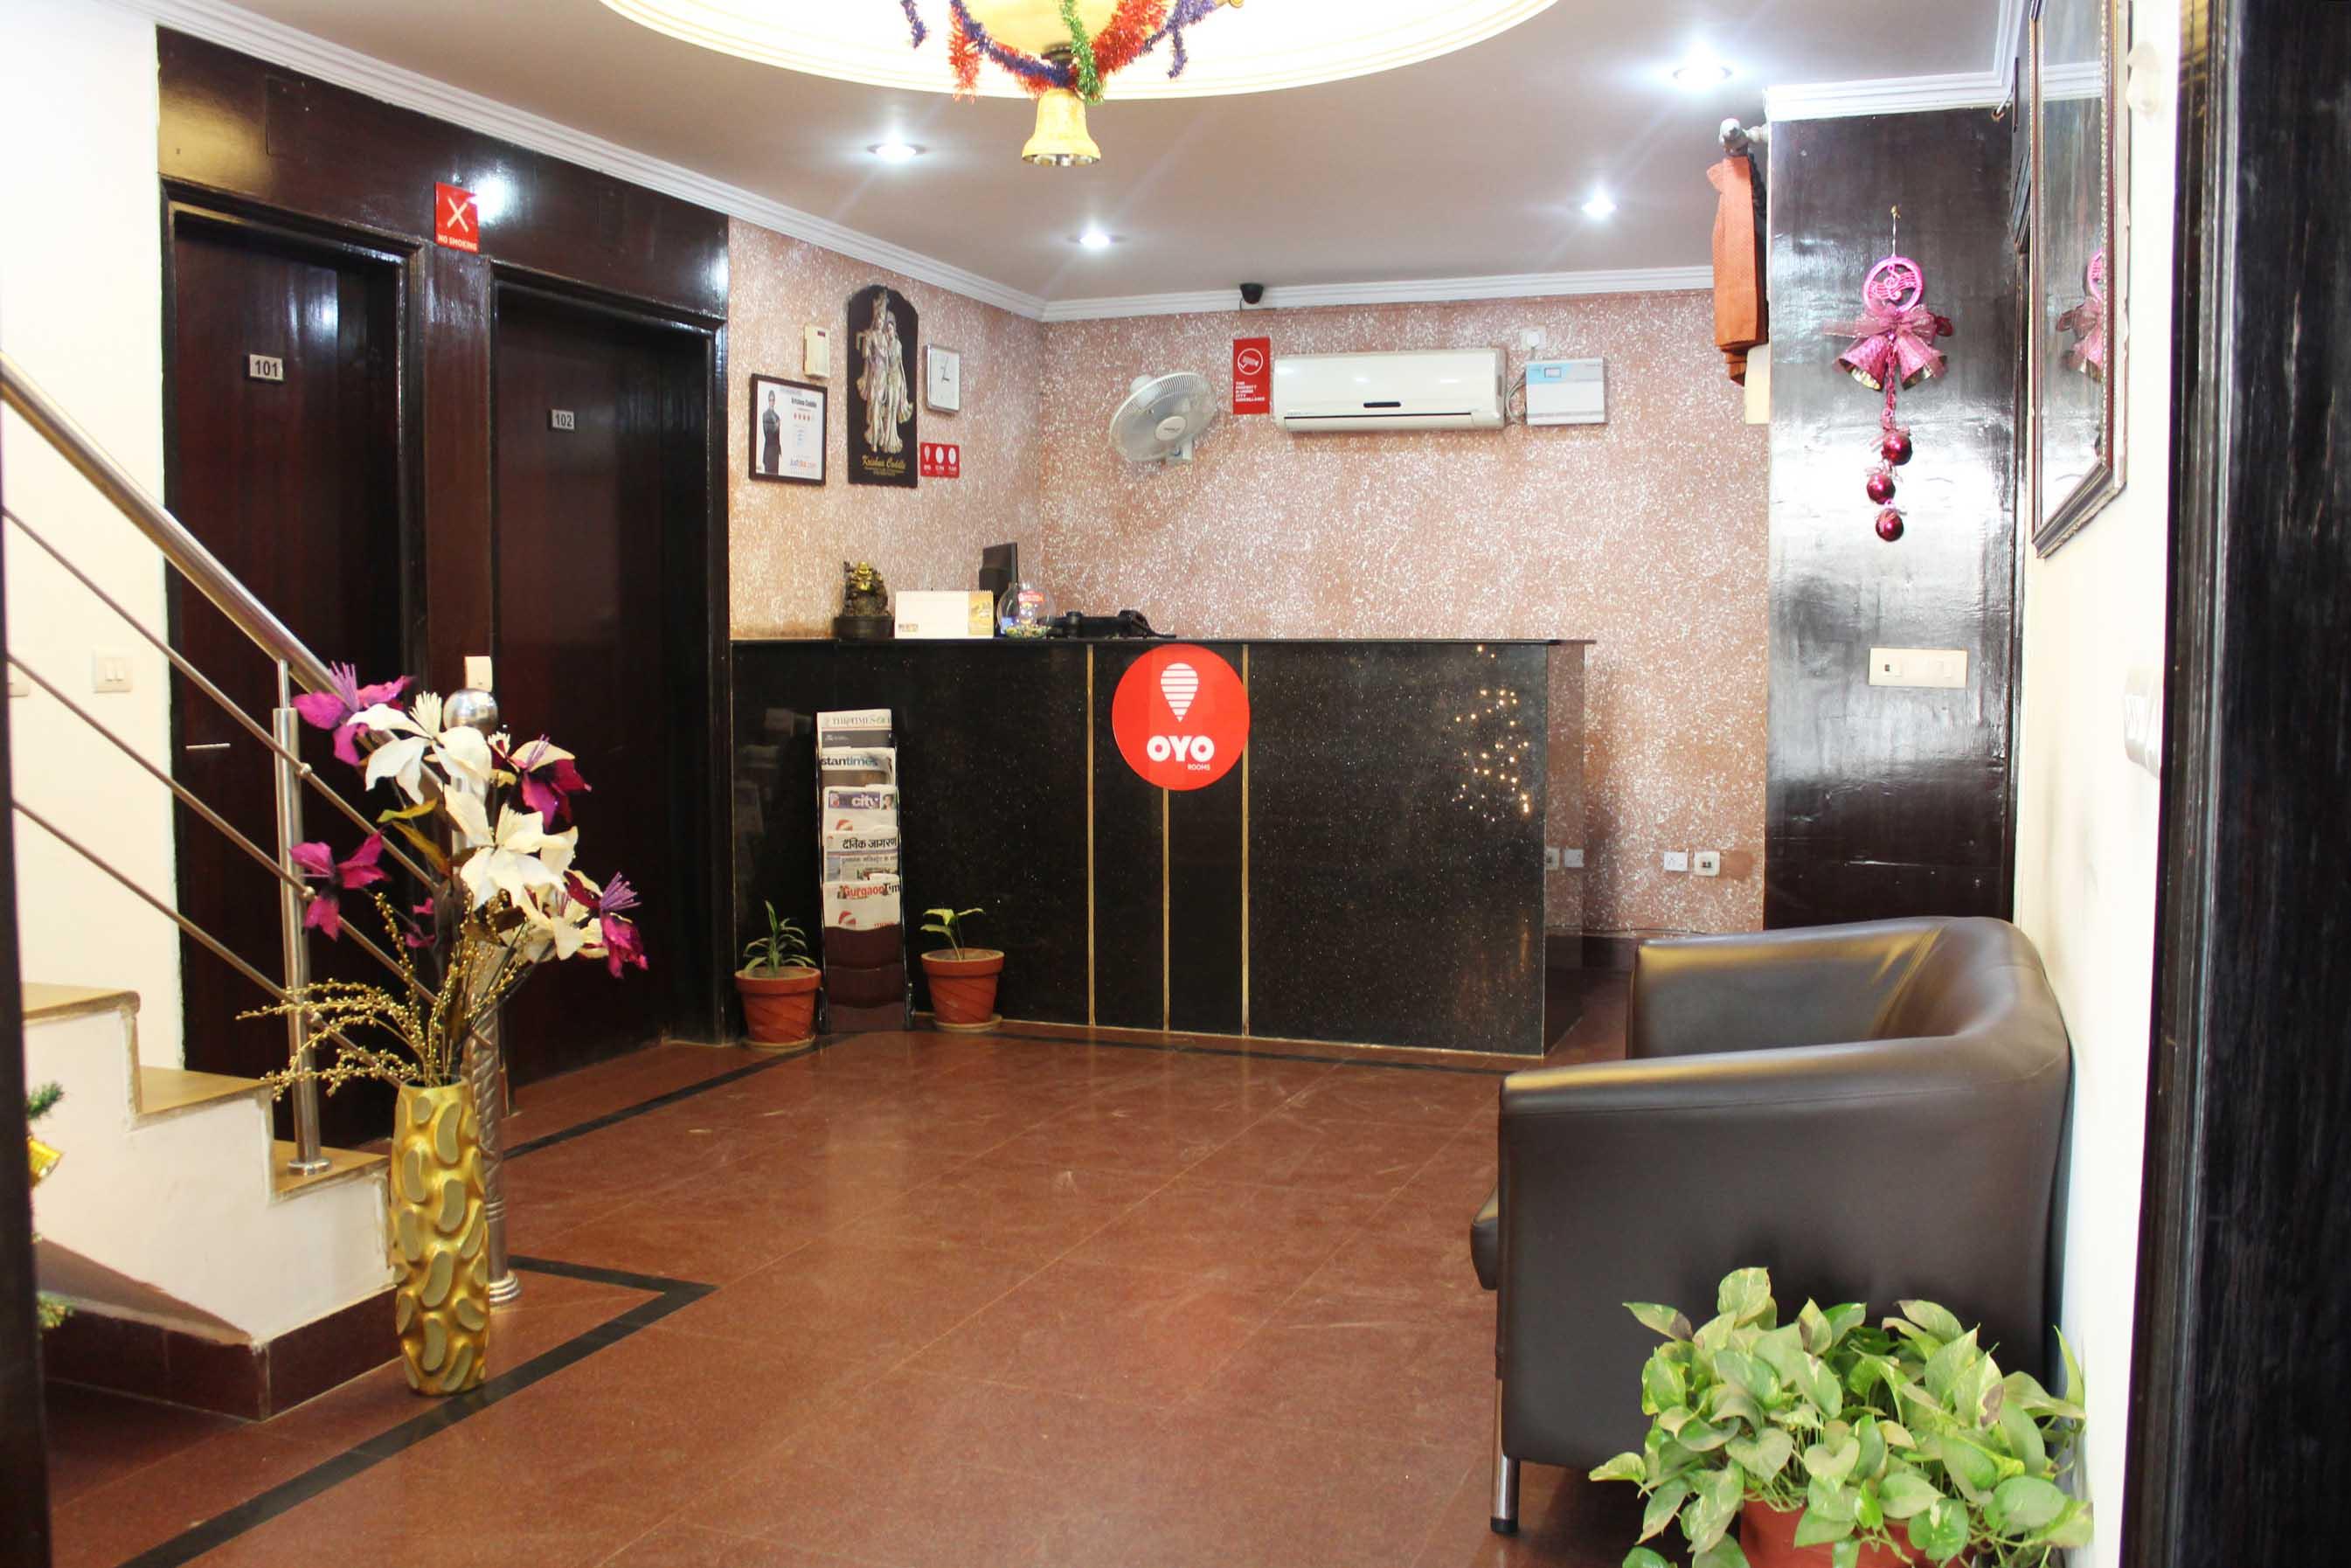 OYO Rooms Vipul Square